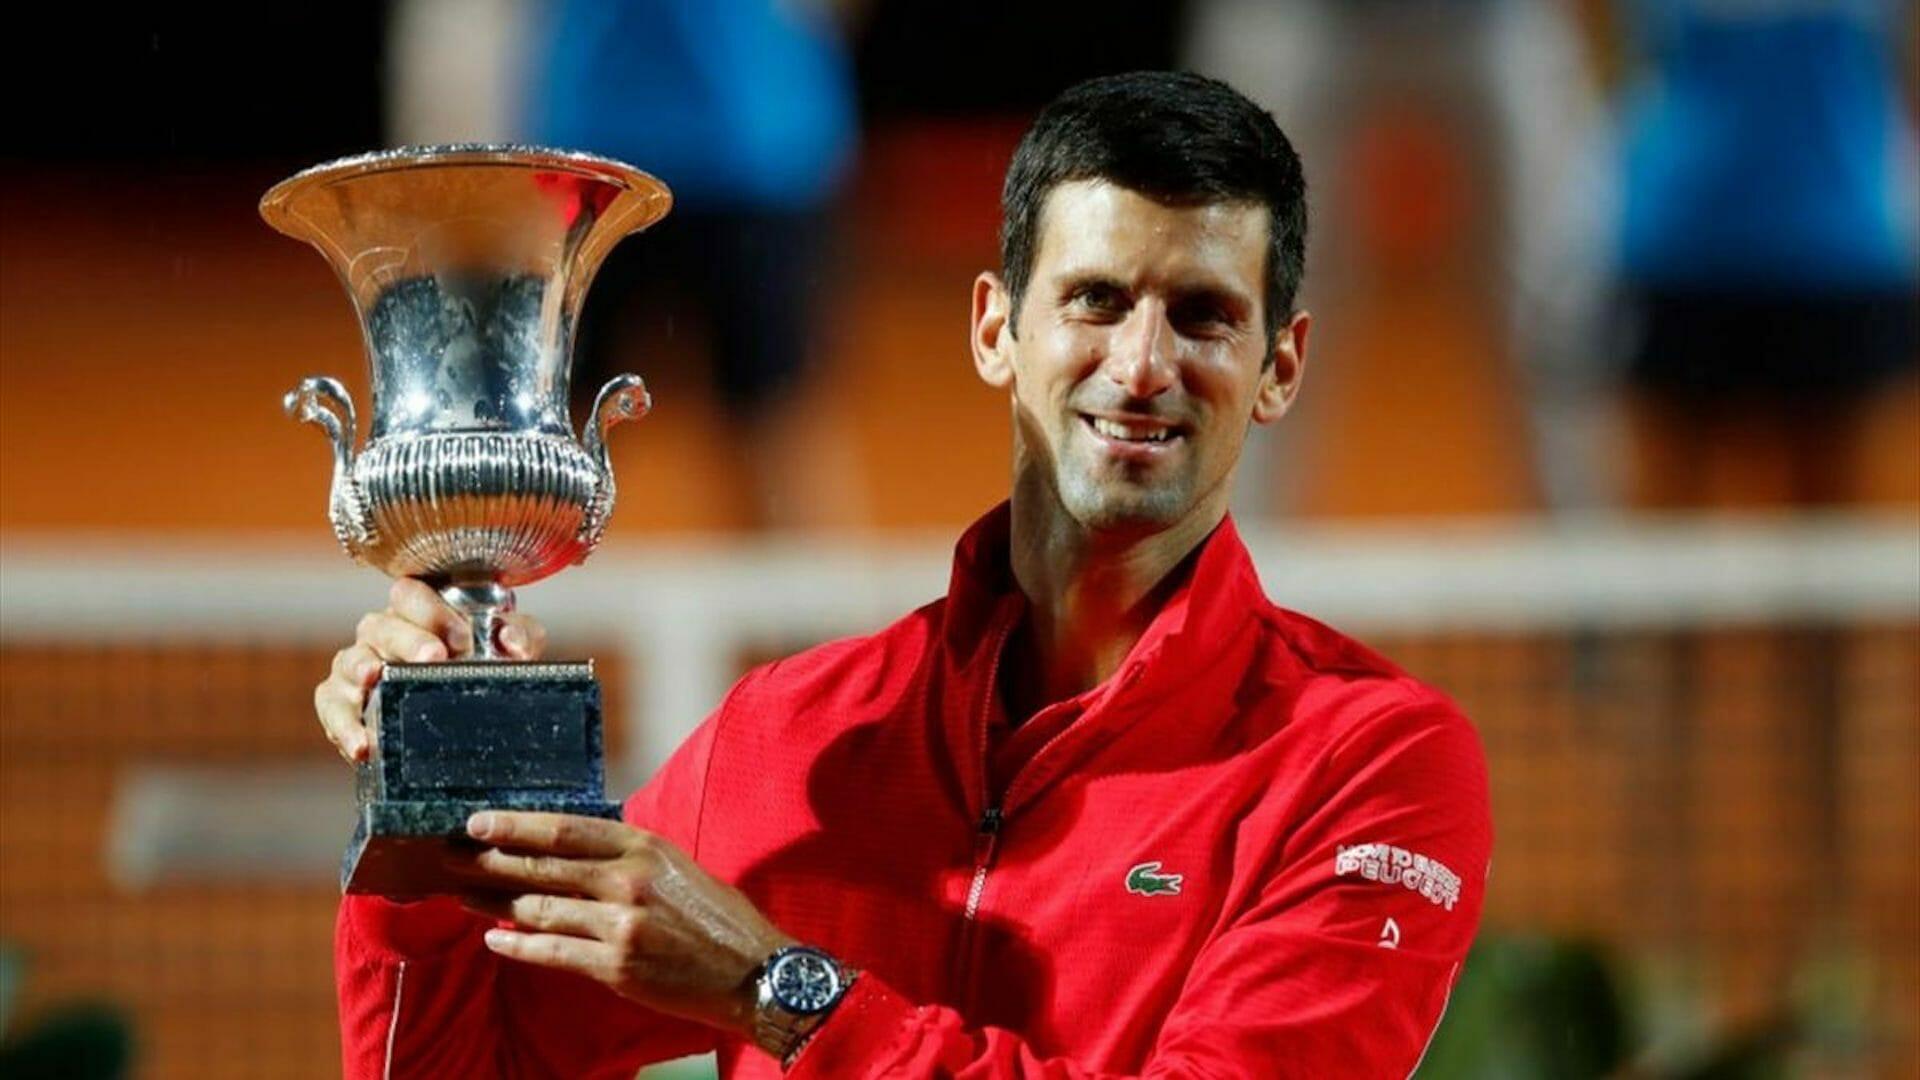 Les 8 joueurs qui ont remporté le plus de Masters 1000